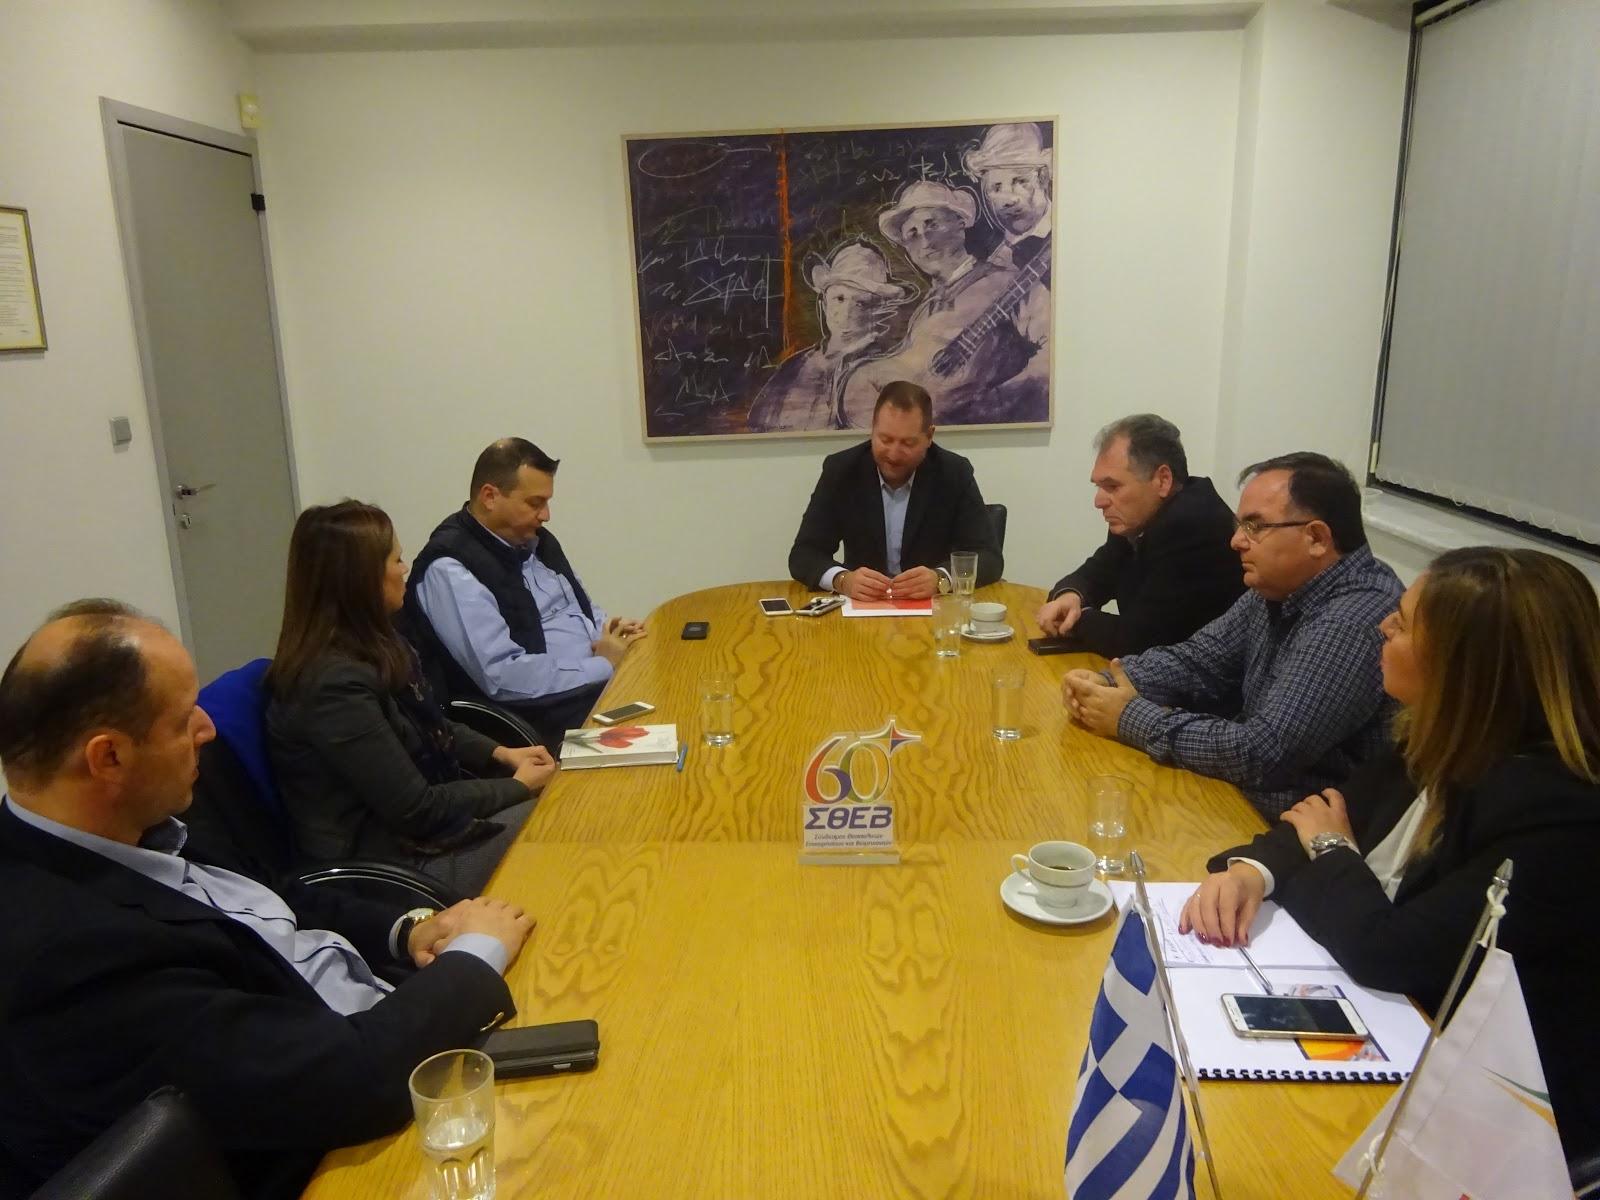 Συνάντηση του Συμβουλίου Προέδρων του ΣΘΕΒ με την Περιφερειακή Διευθύντρια ΟΑΕΔ Θεσσαλίας